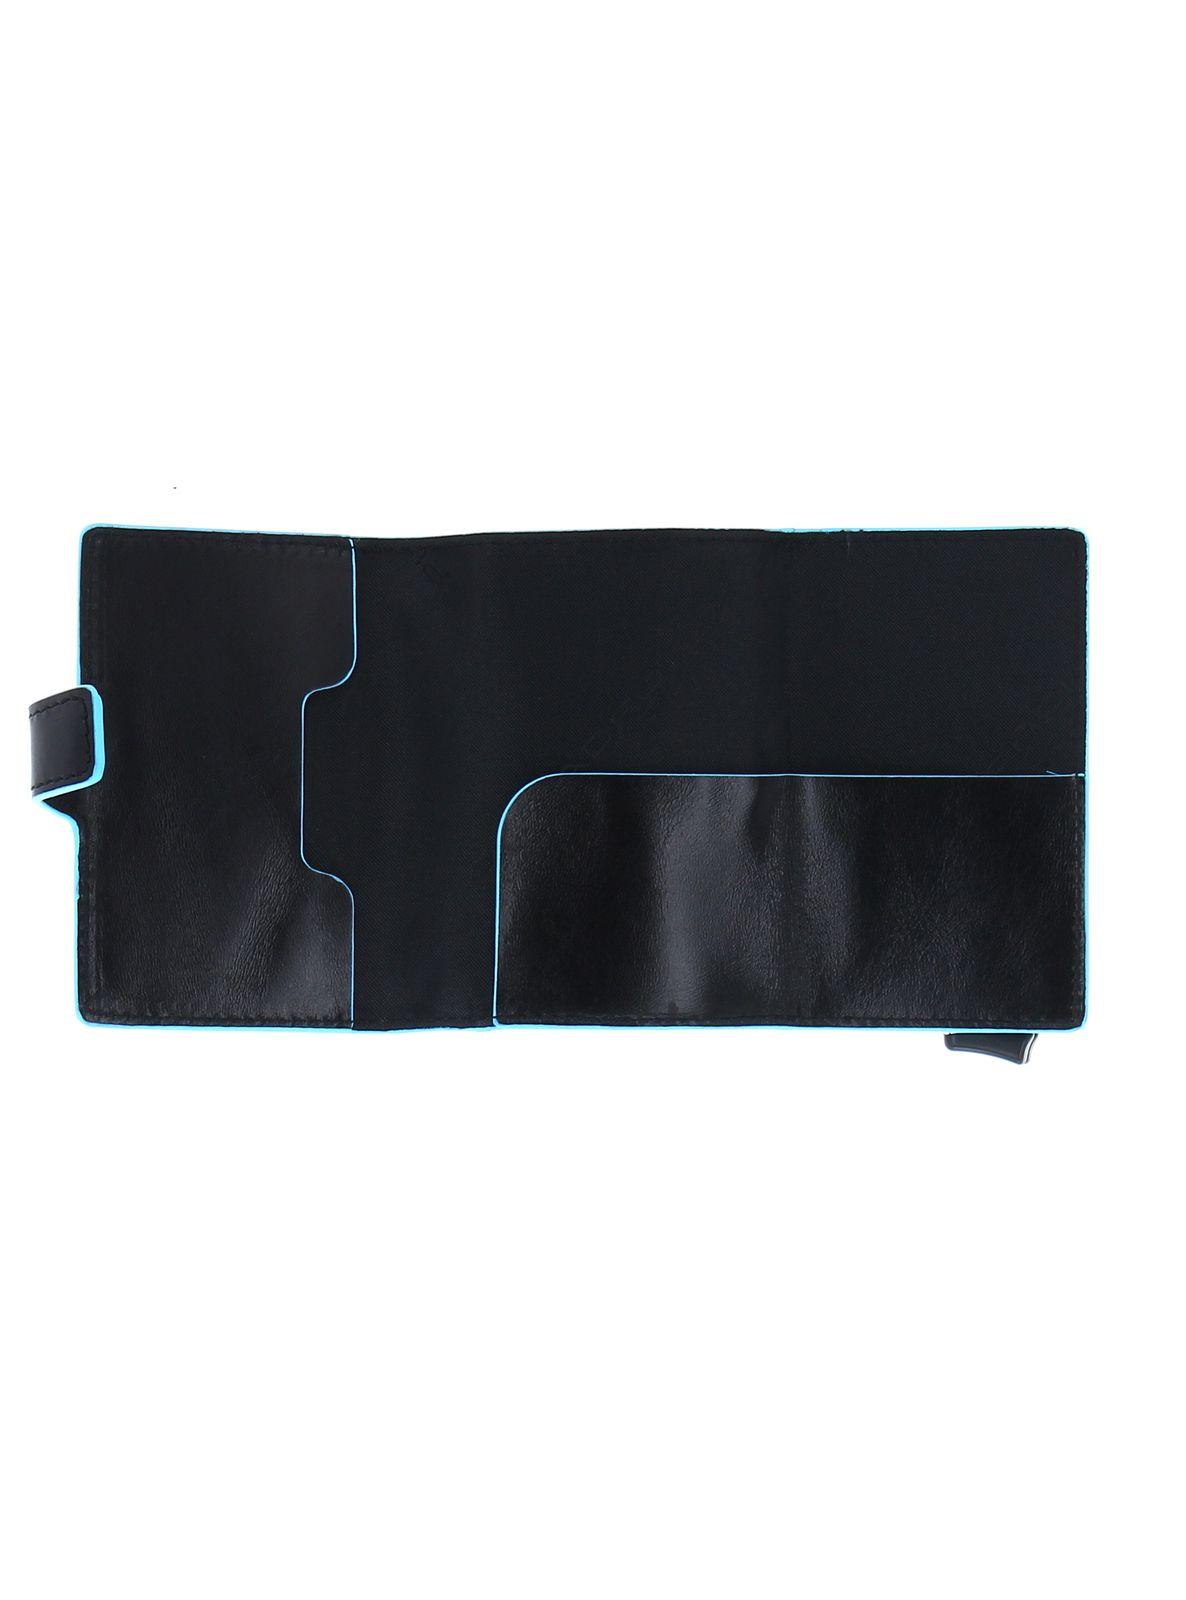 PIQUADRO B2 Double Compact Wallet Nero